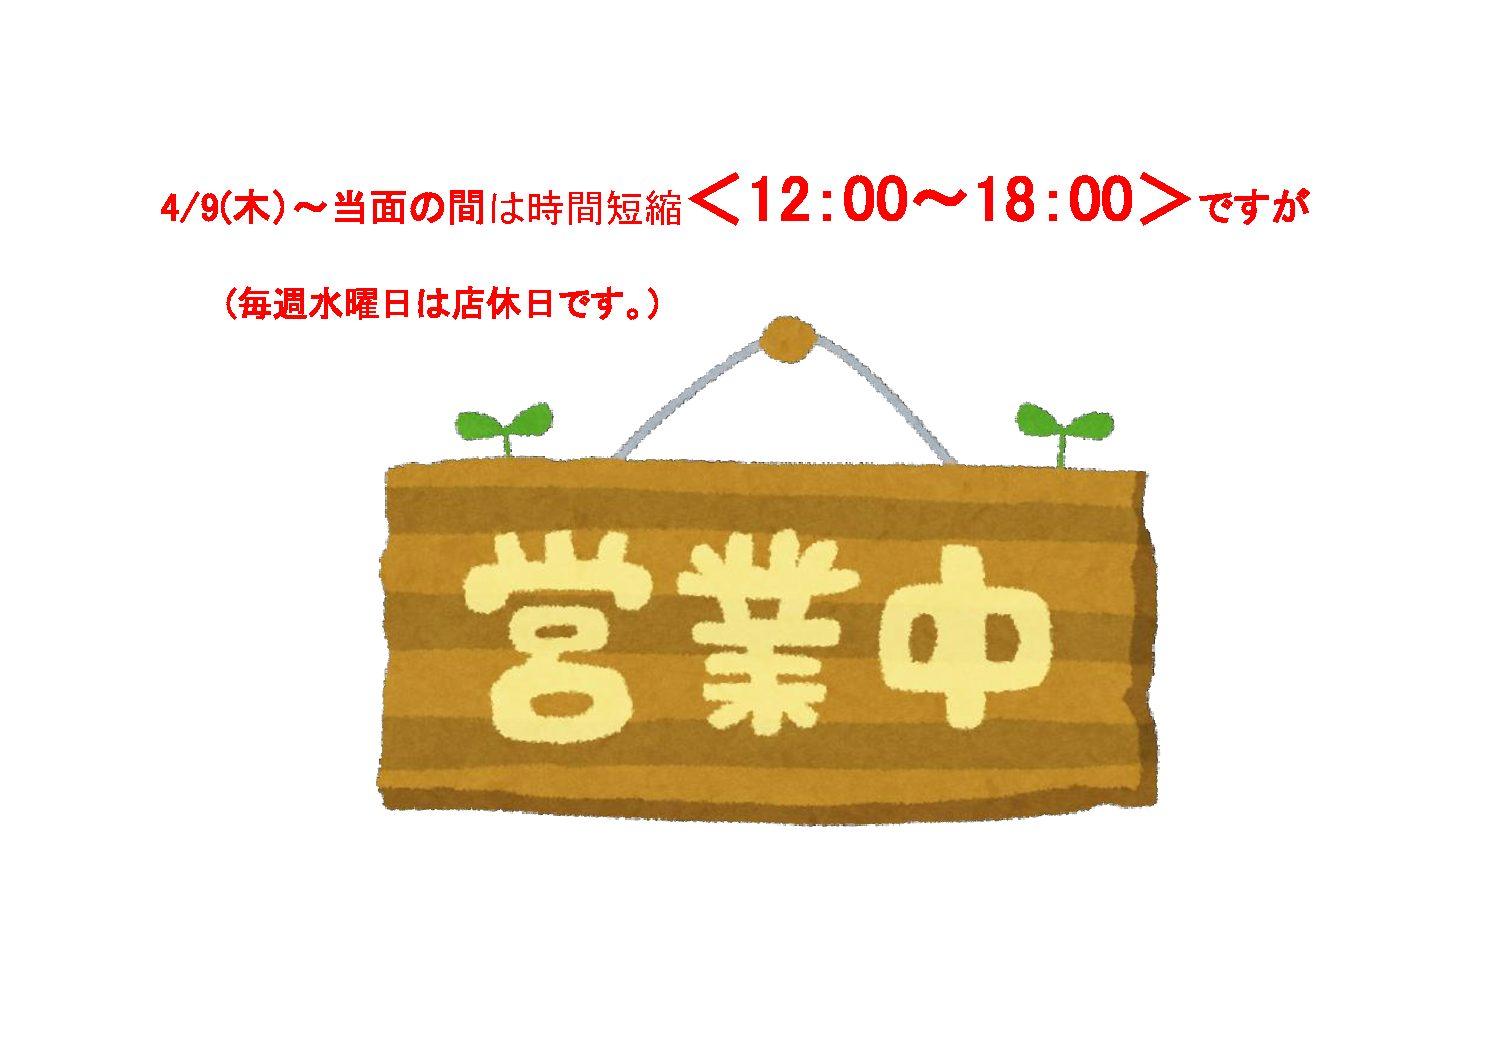 4/9(木)~当面の間の営業時間の変更について。